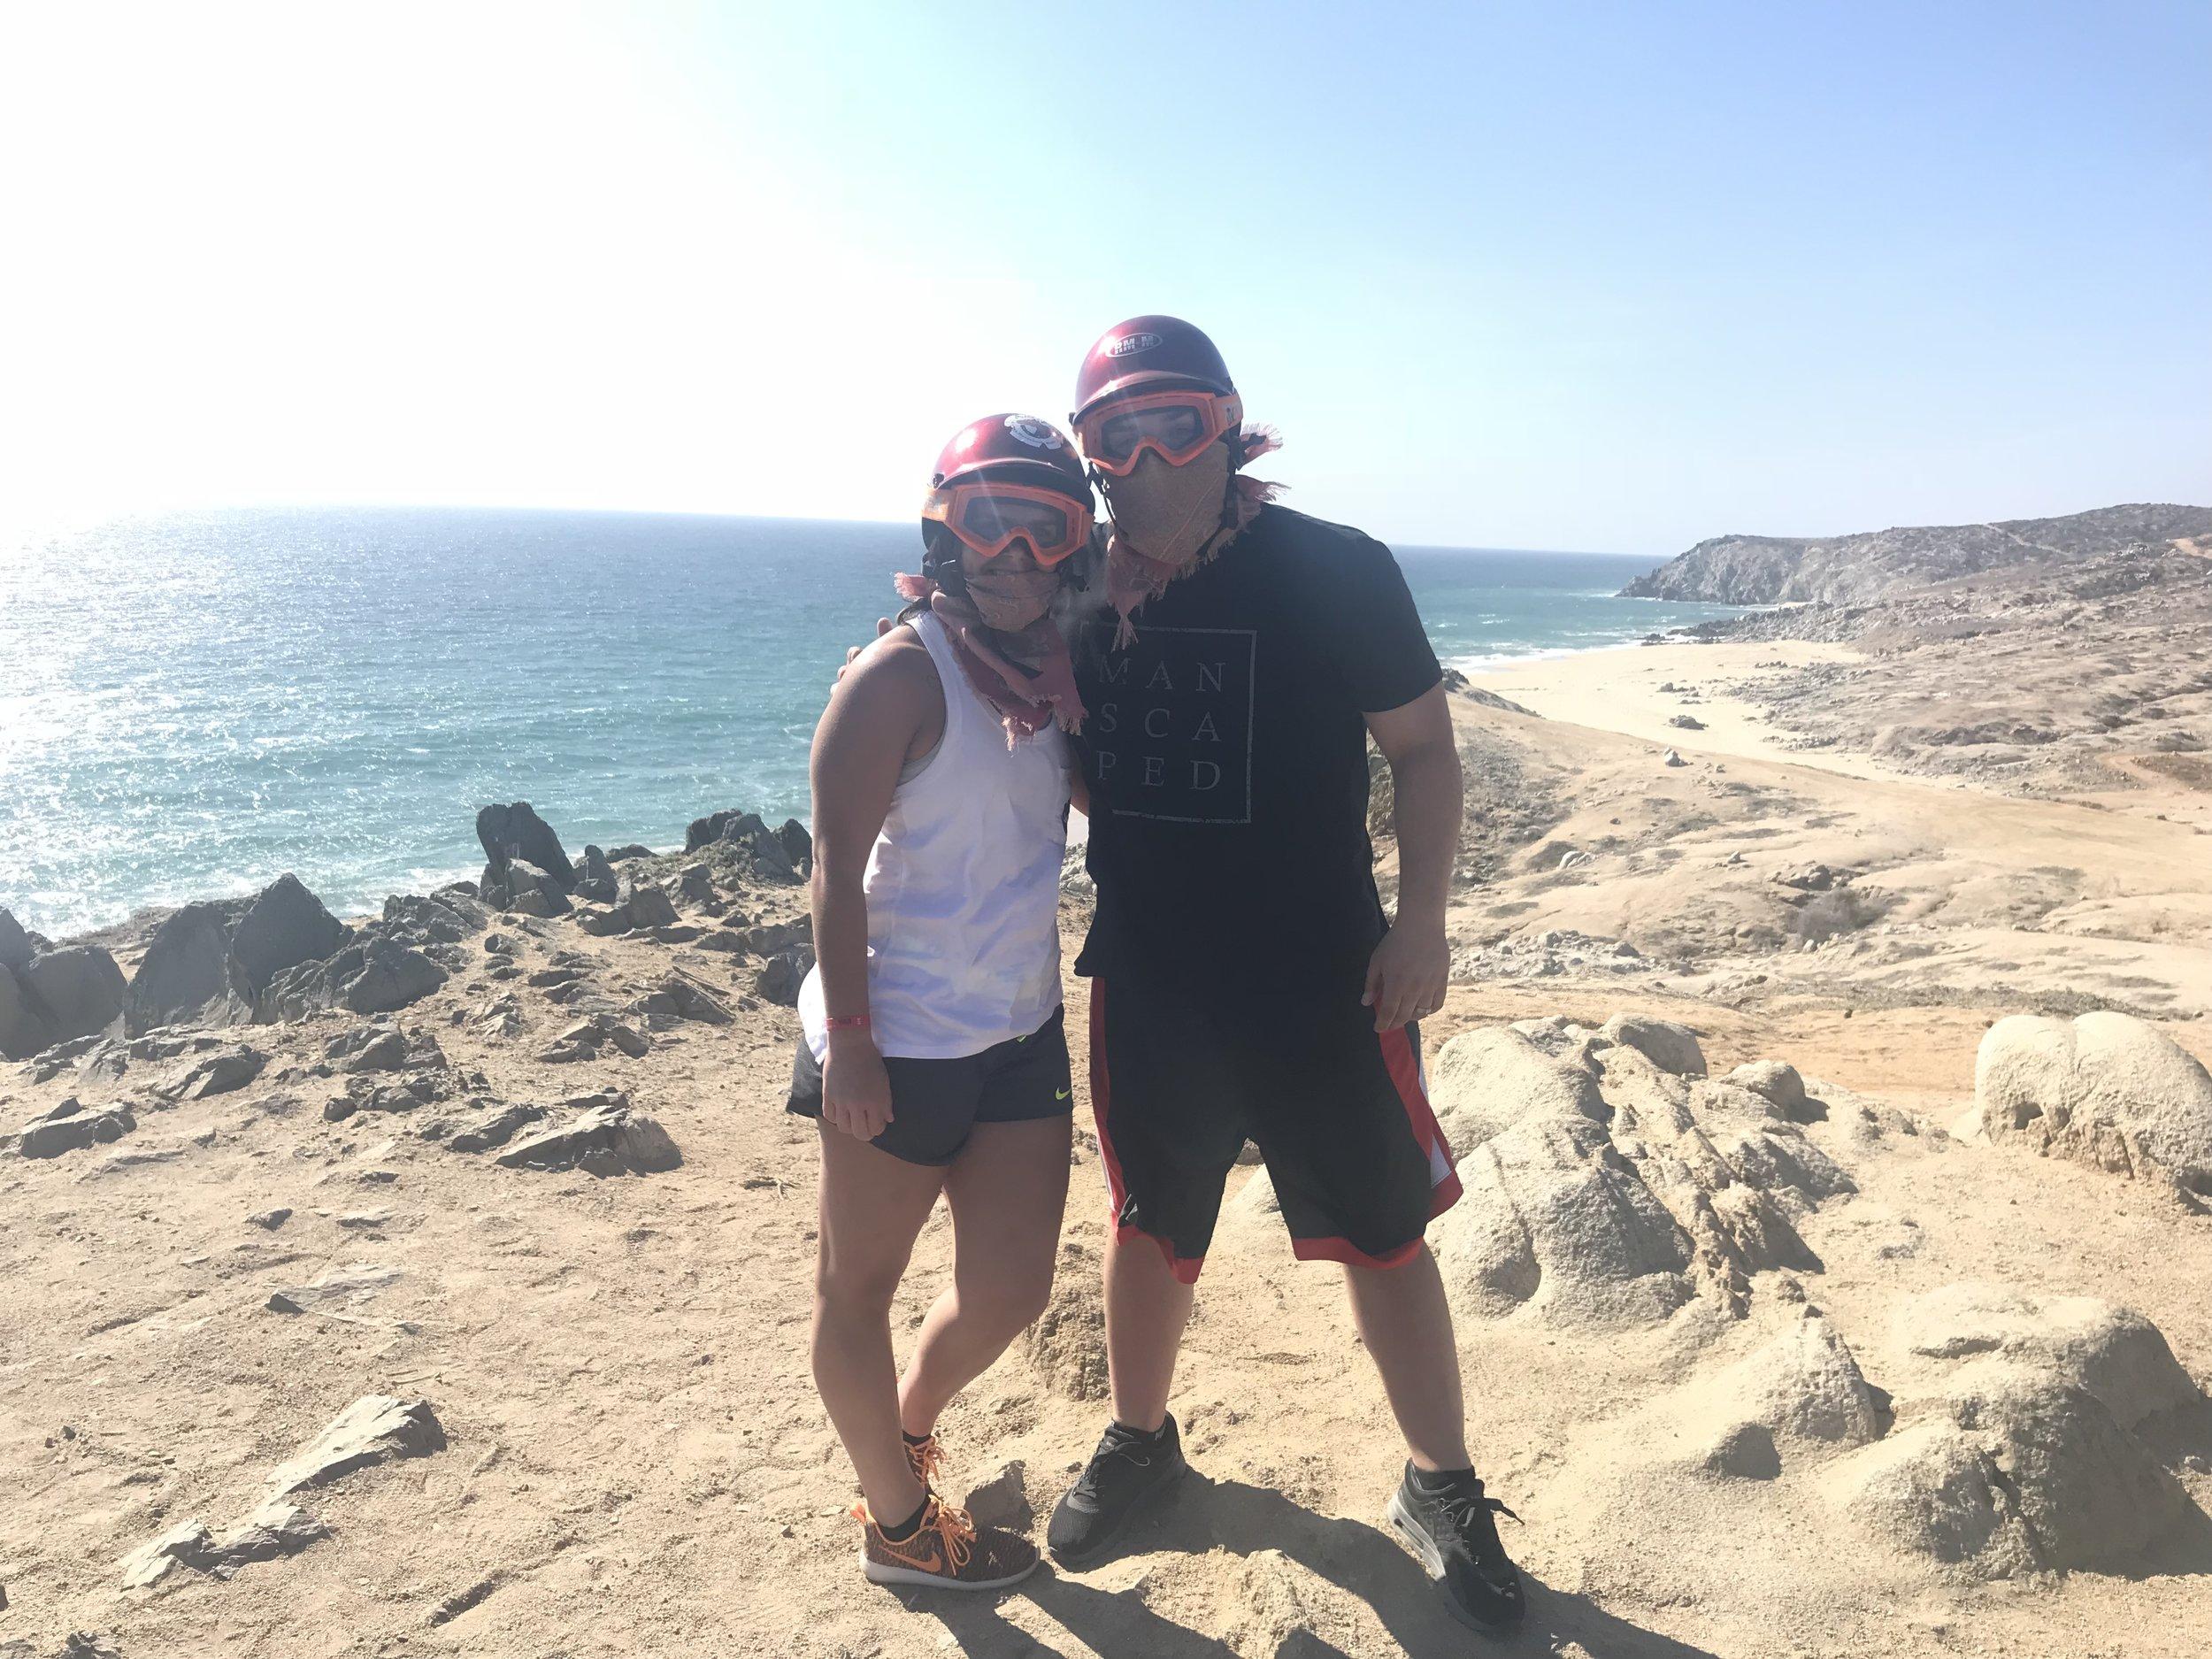 Ken and wife on honeymoon in 2018.